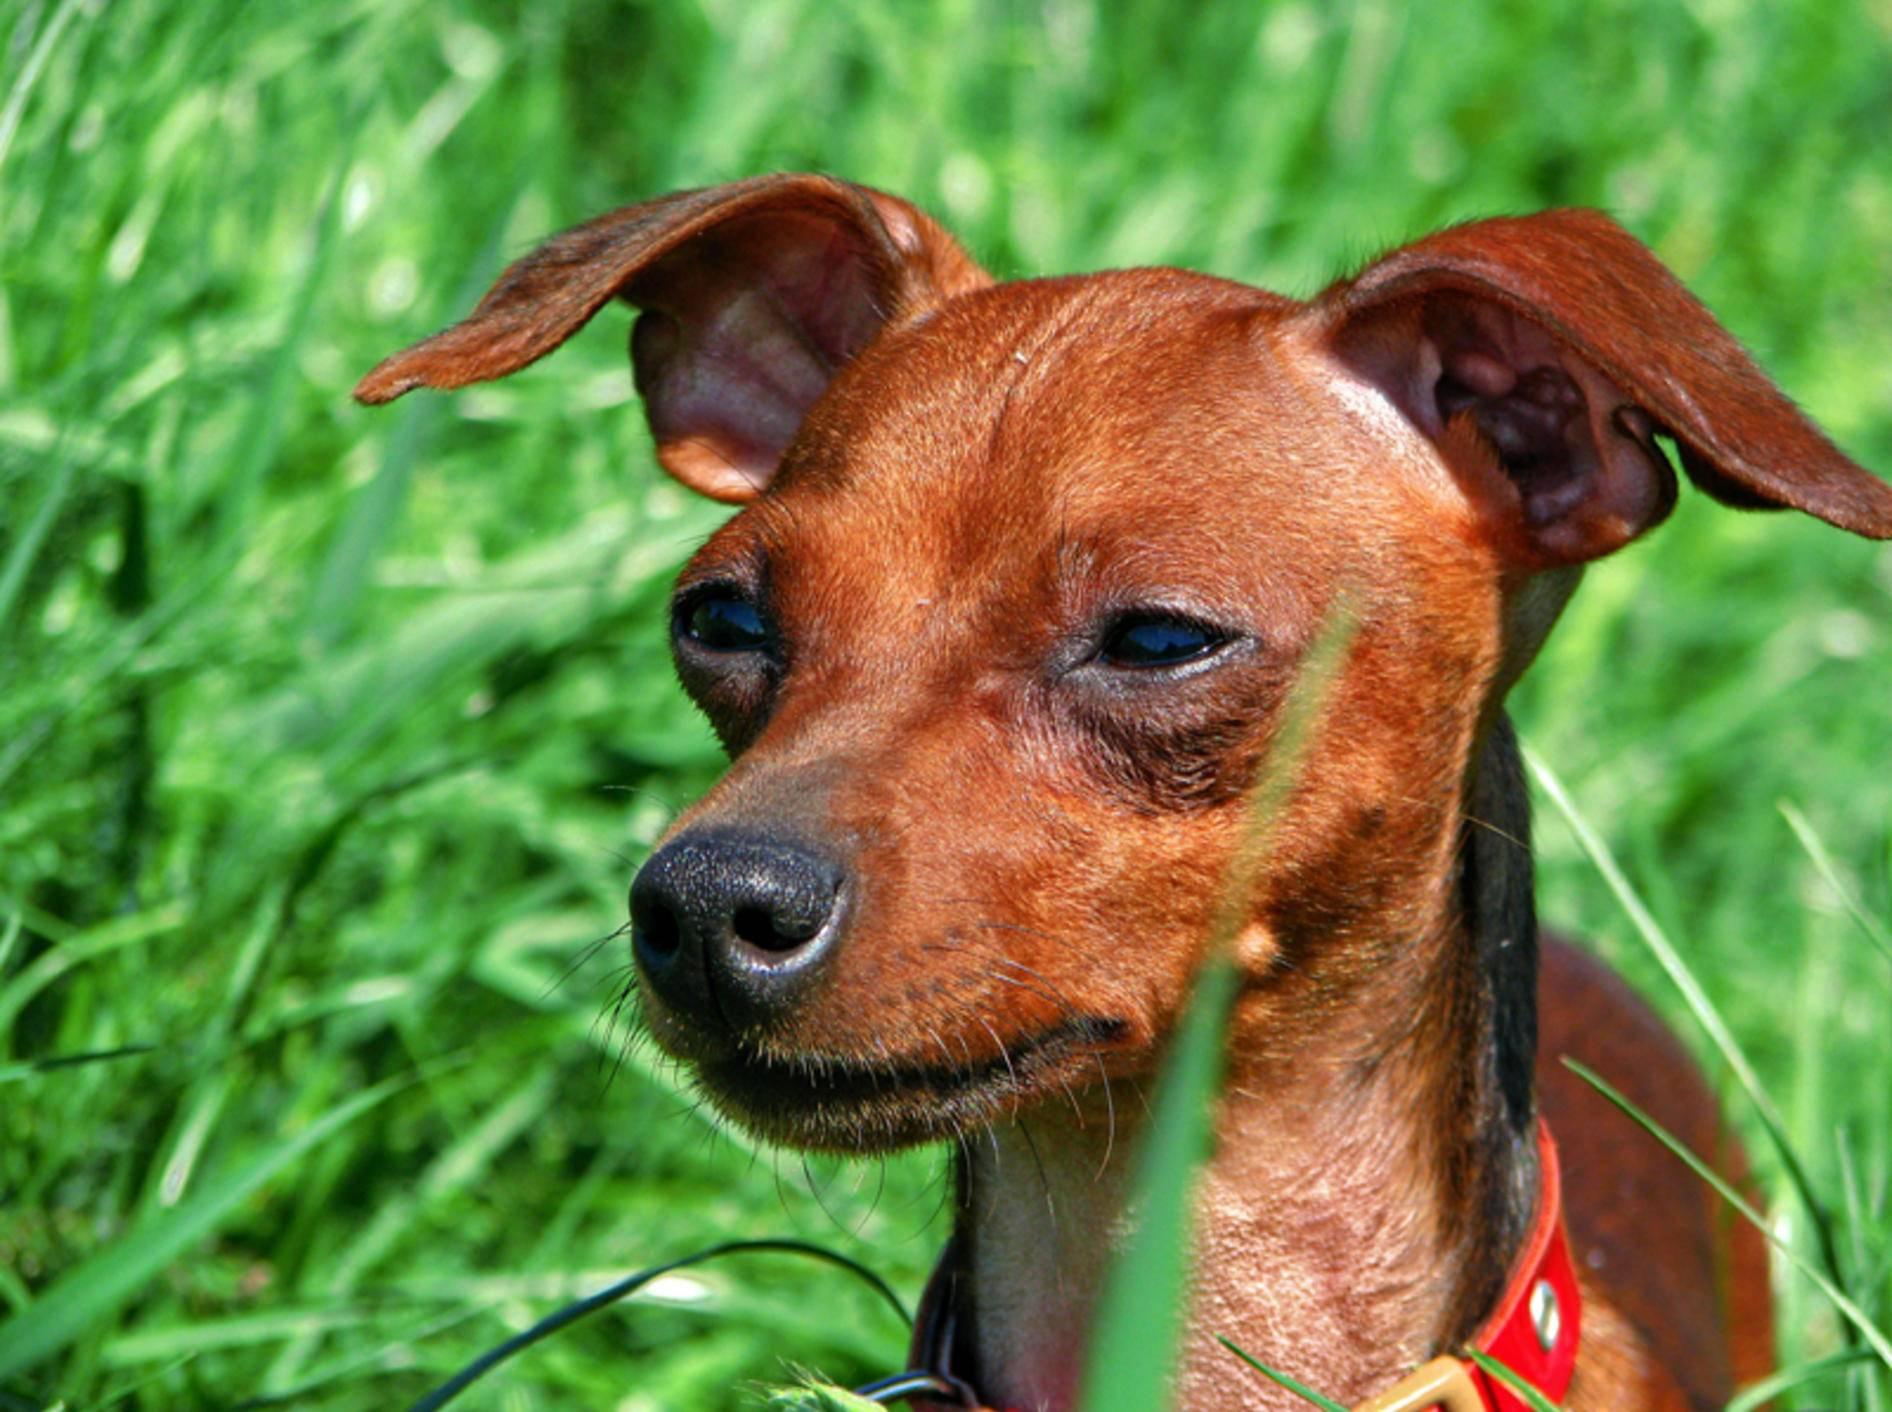 Gewichtsverlust beim Hund ist oft ein Warnsignal – Bild: Shutterstock / Bandika